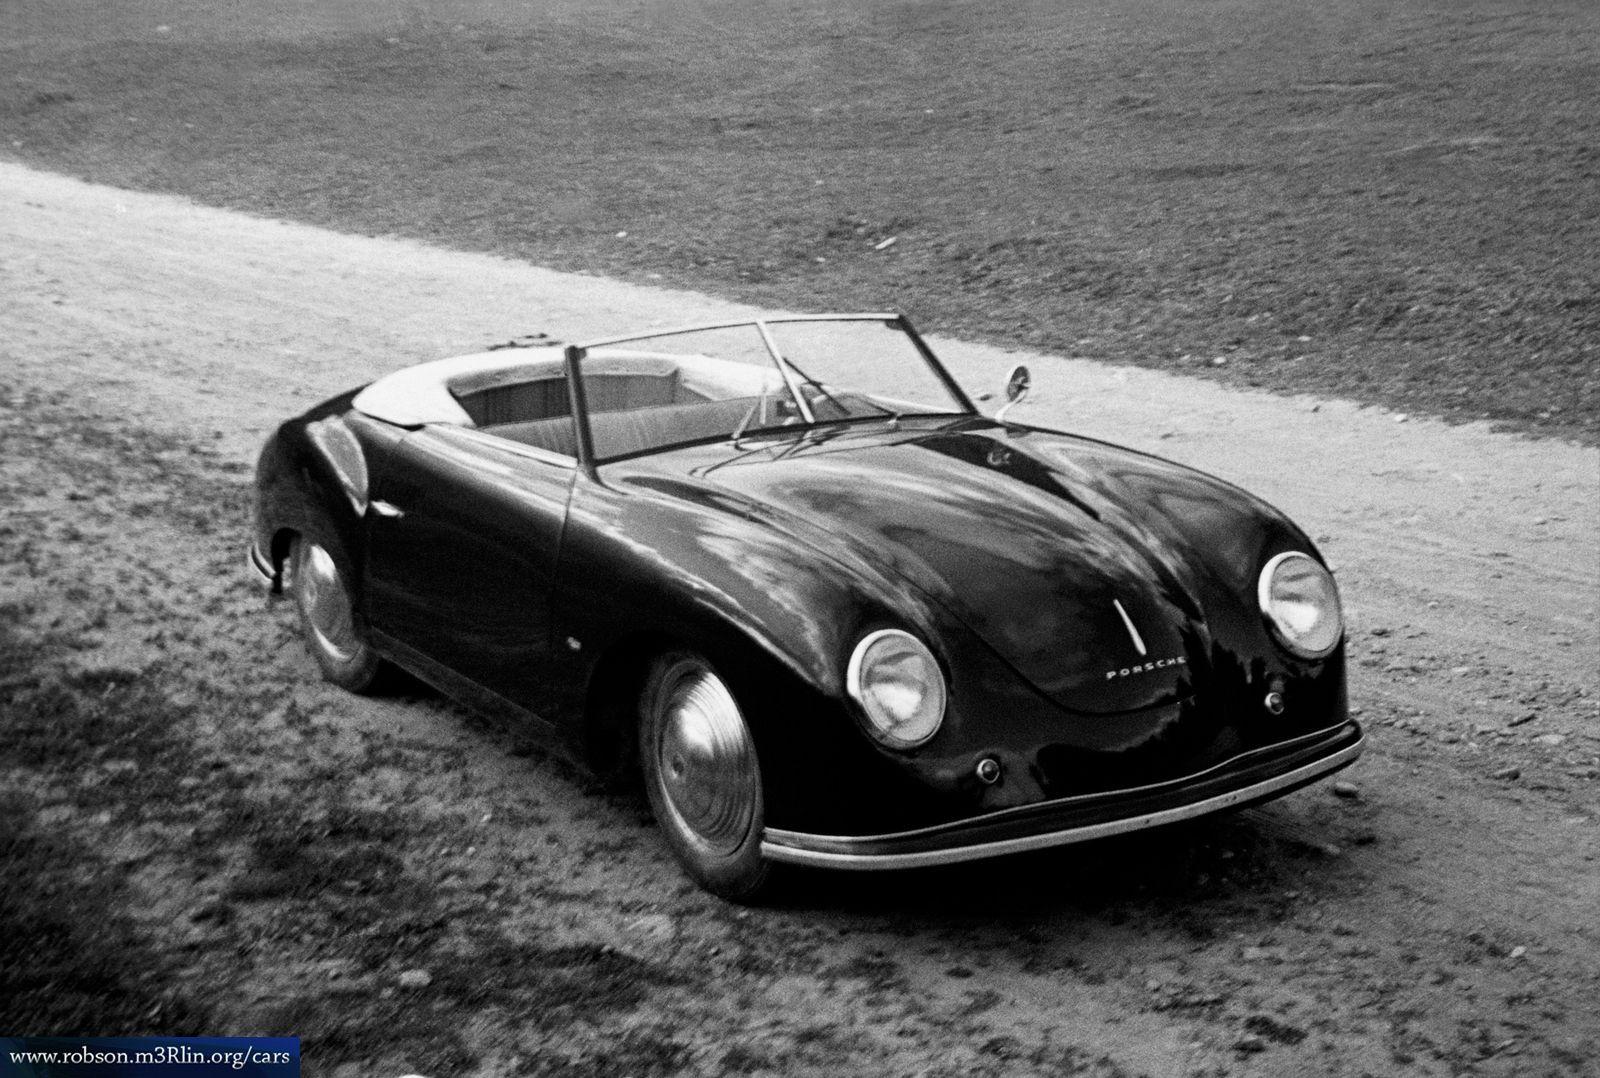 Porsche 356 wallpapers porsche 356 porsche cars and cars porsche 356 vanachro Choice Image